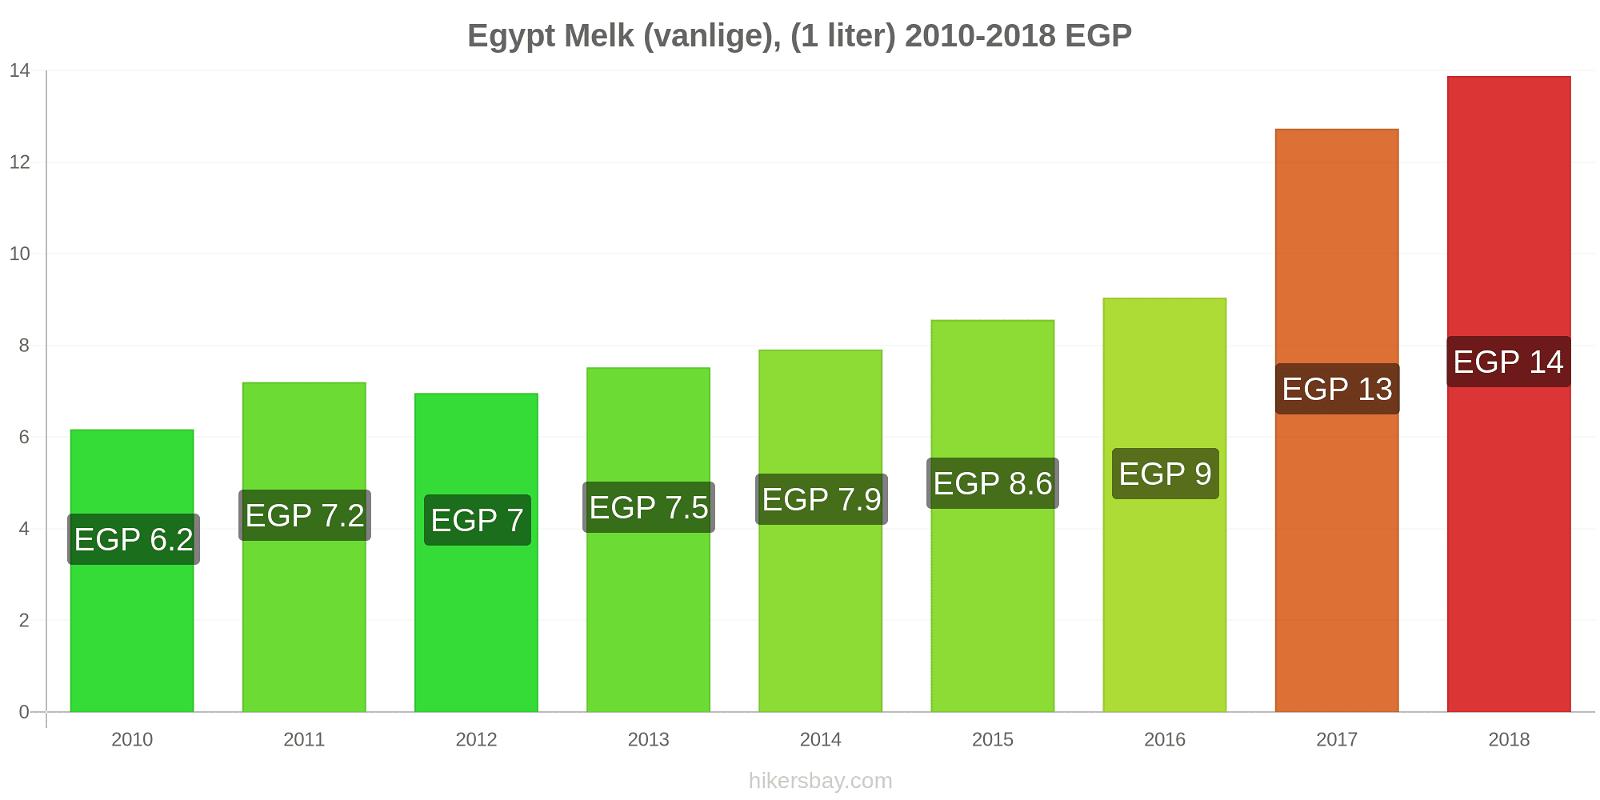 Egypt prisendringer Melk (vanlige), (1 liter) hikersbay.com